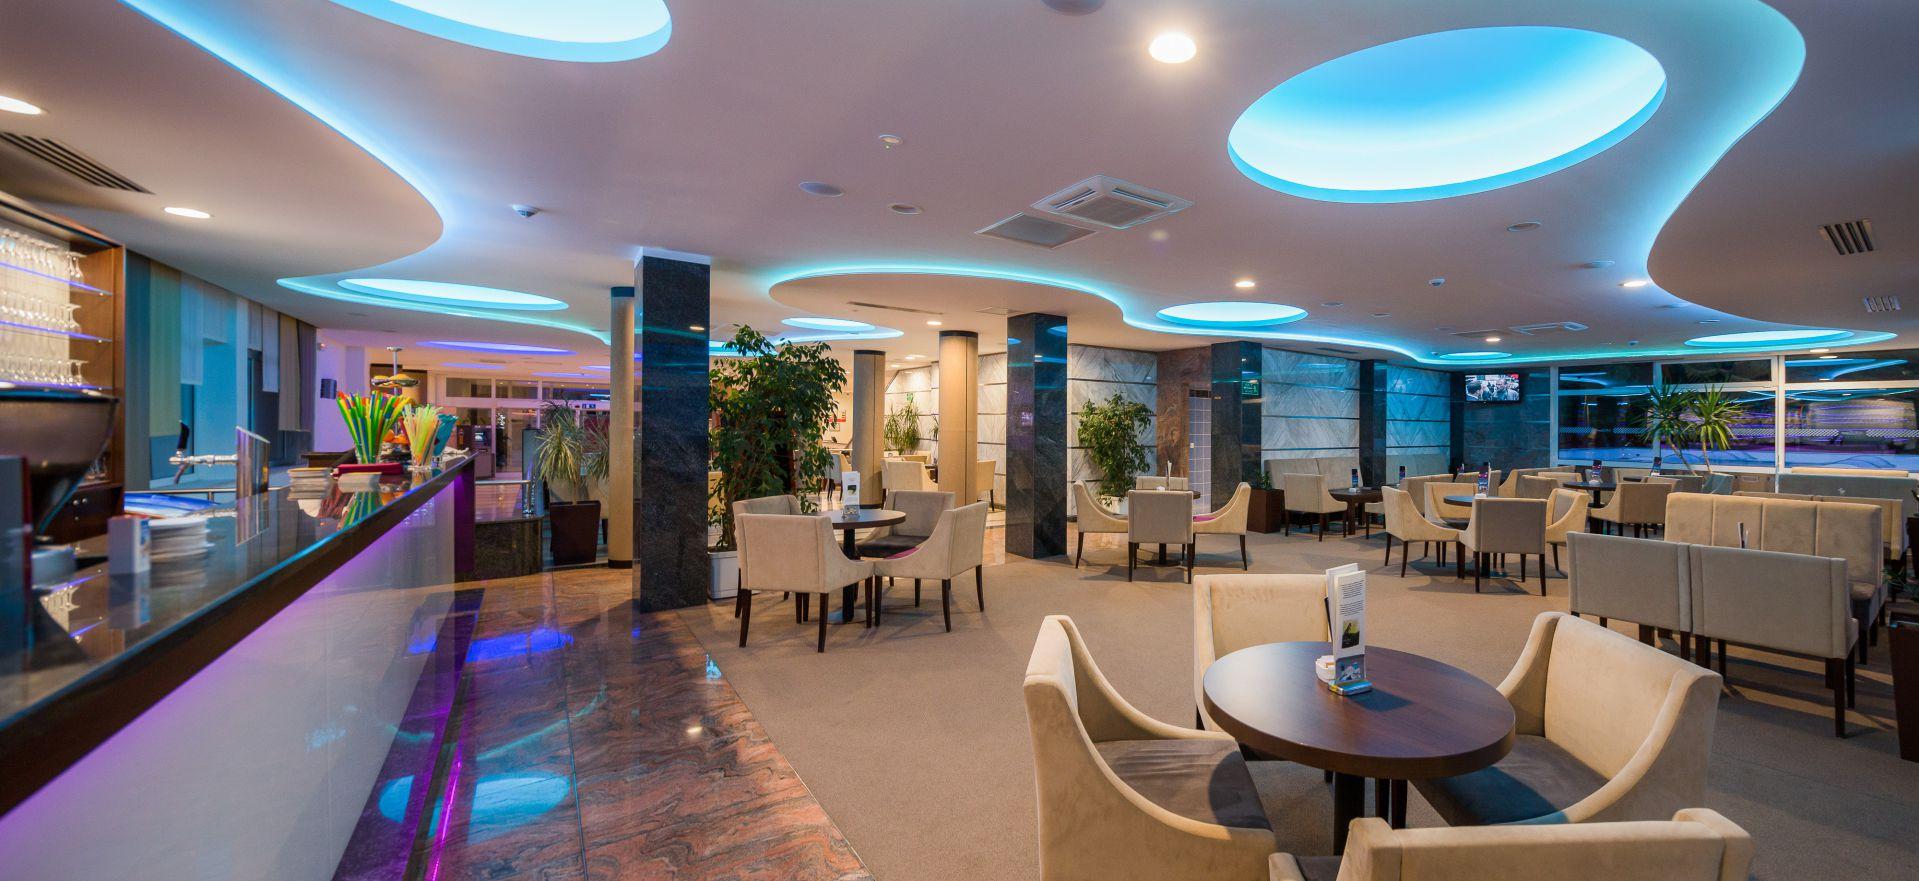 aperitif bar 07 14639175527 o - Zora Hotel